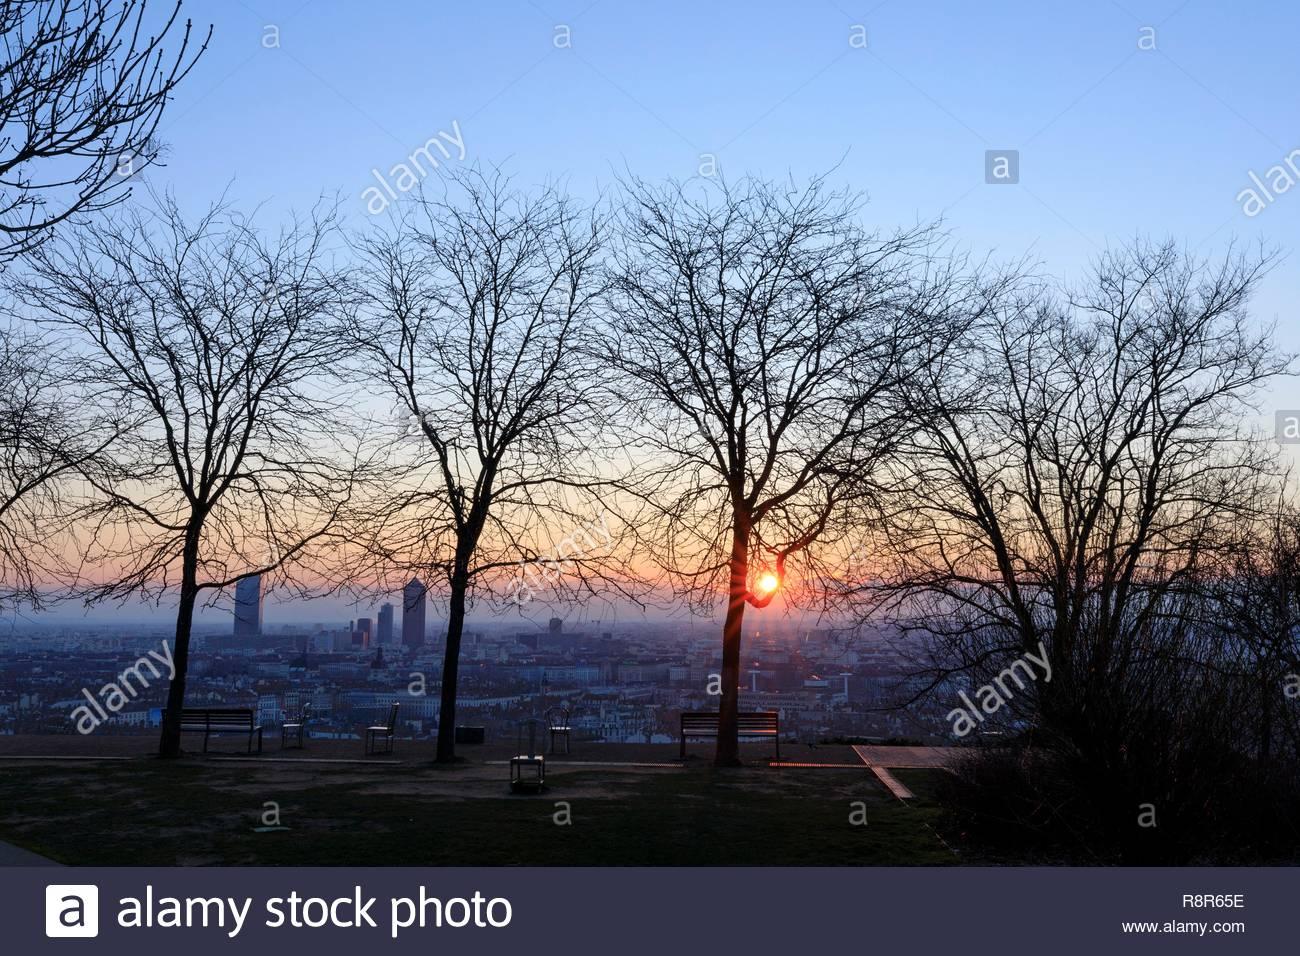 France, Rhône, Lyon, 5th arrondissement, Old Lyon district, Jardin des Curiosités - Stock Image